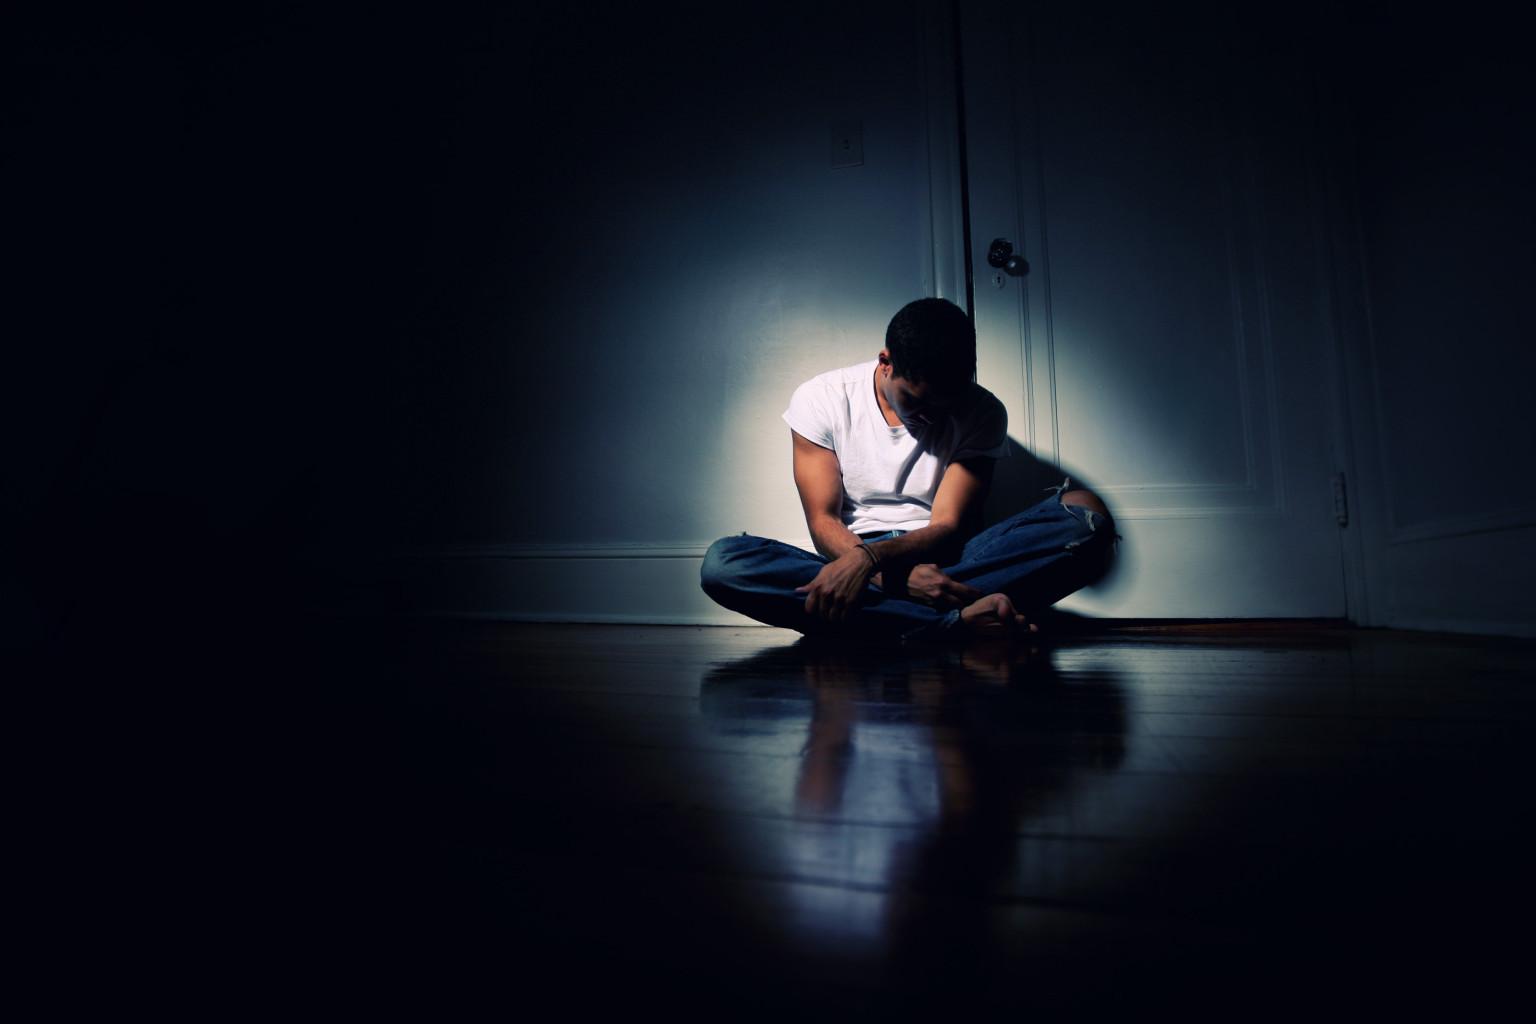 بالصور اعراض الاكتئاب , اسباب الاكتئاب واعراضه وطرق علاجه 3332 1